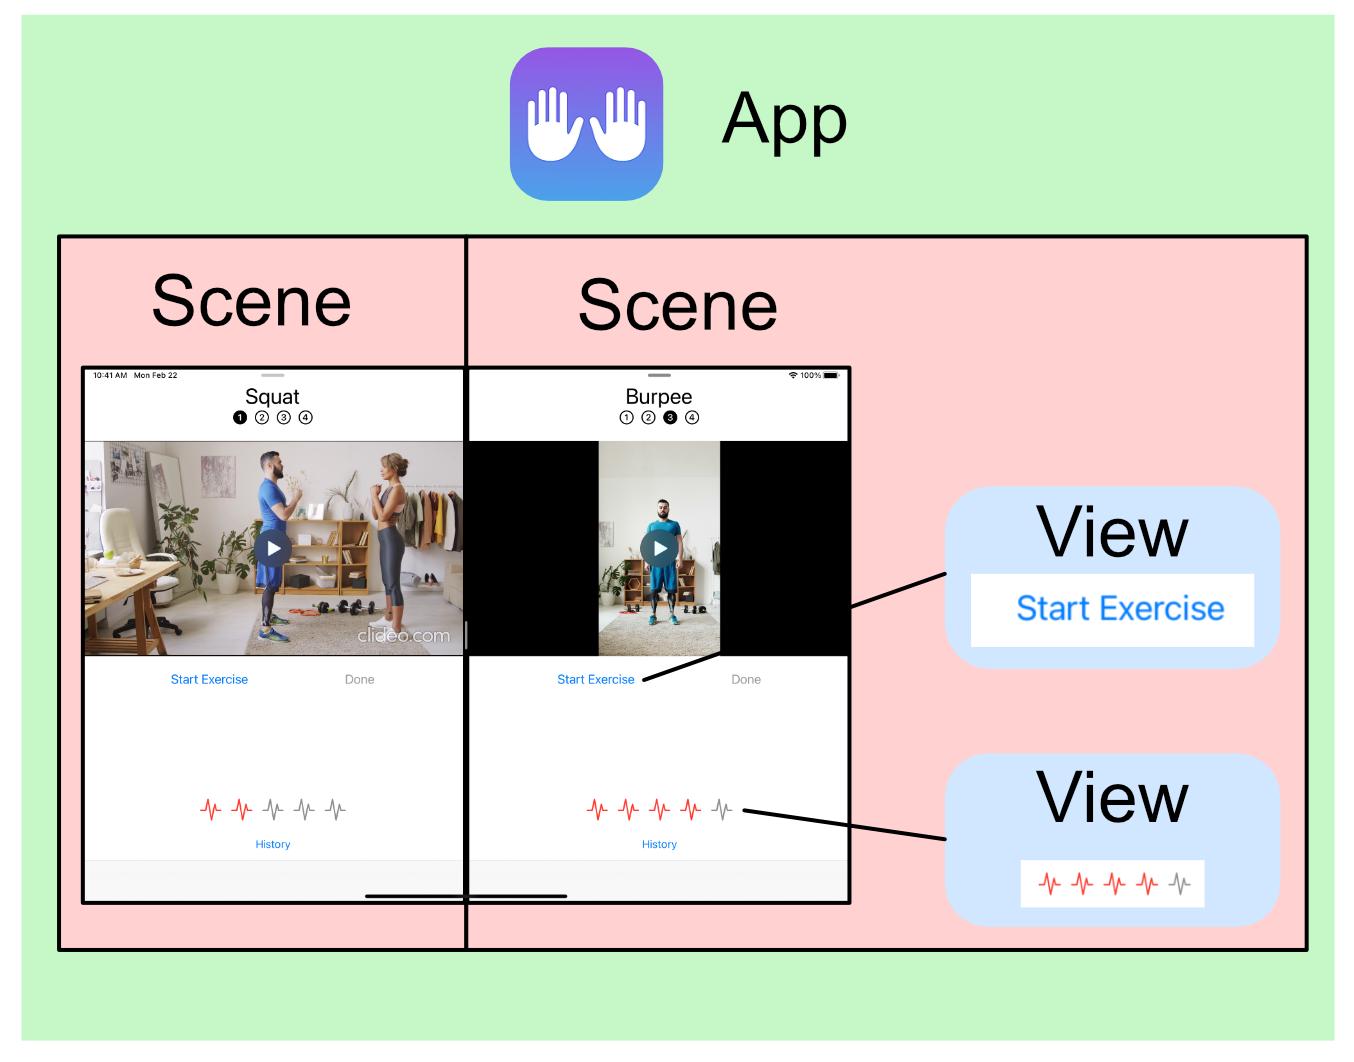 The App Hierarchy